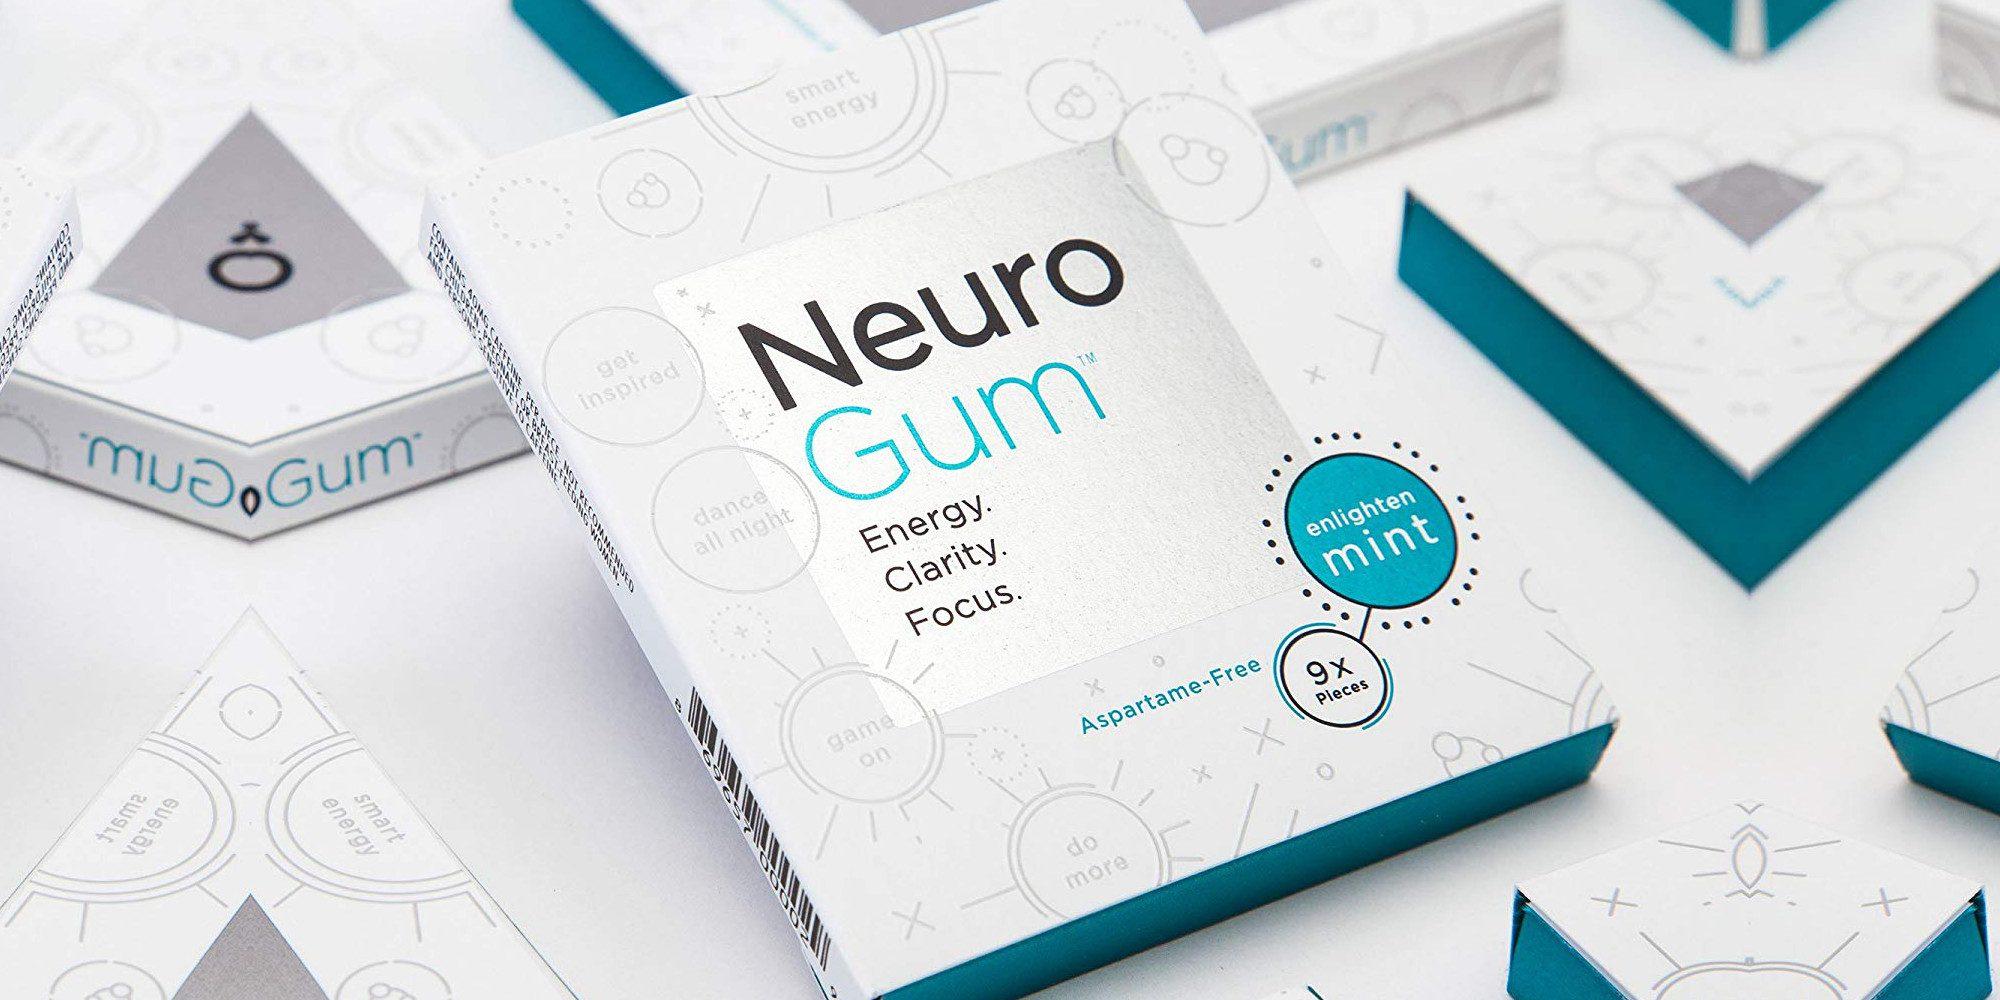 NeuroGum z kofeiną i B12 zapewnia ostrość przez cały dzień: 12 sztuk w opakowaniu 30 USD (25% zniżki)